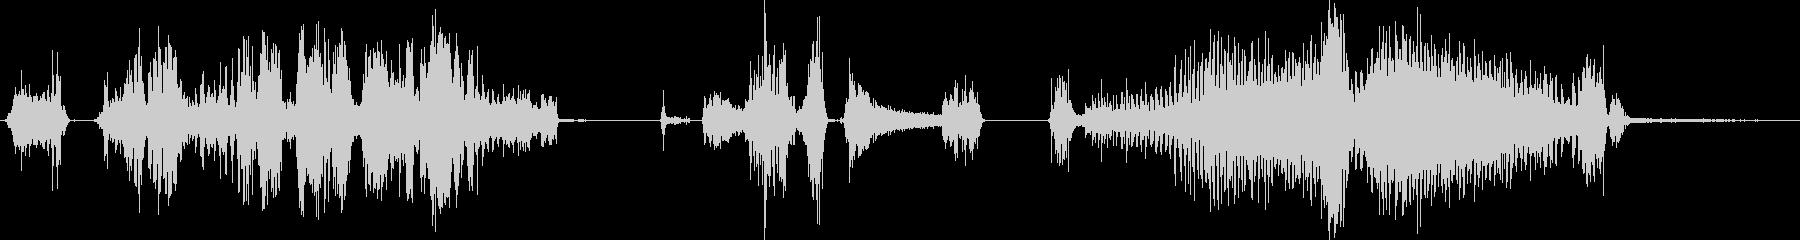 ドリル、電気、ハンドヘルド、穴あけ...の未再生の波形